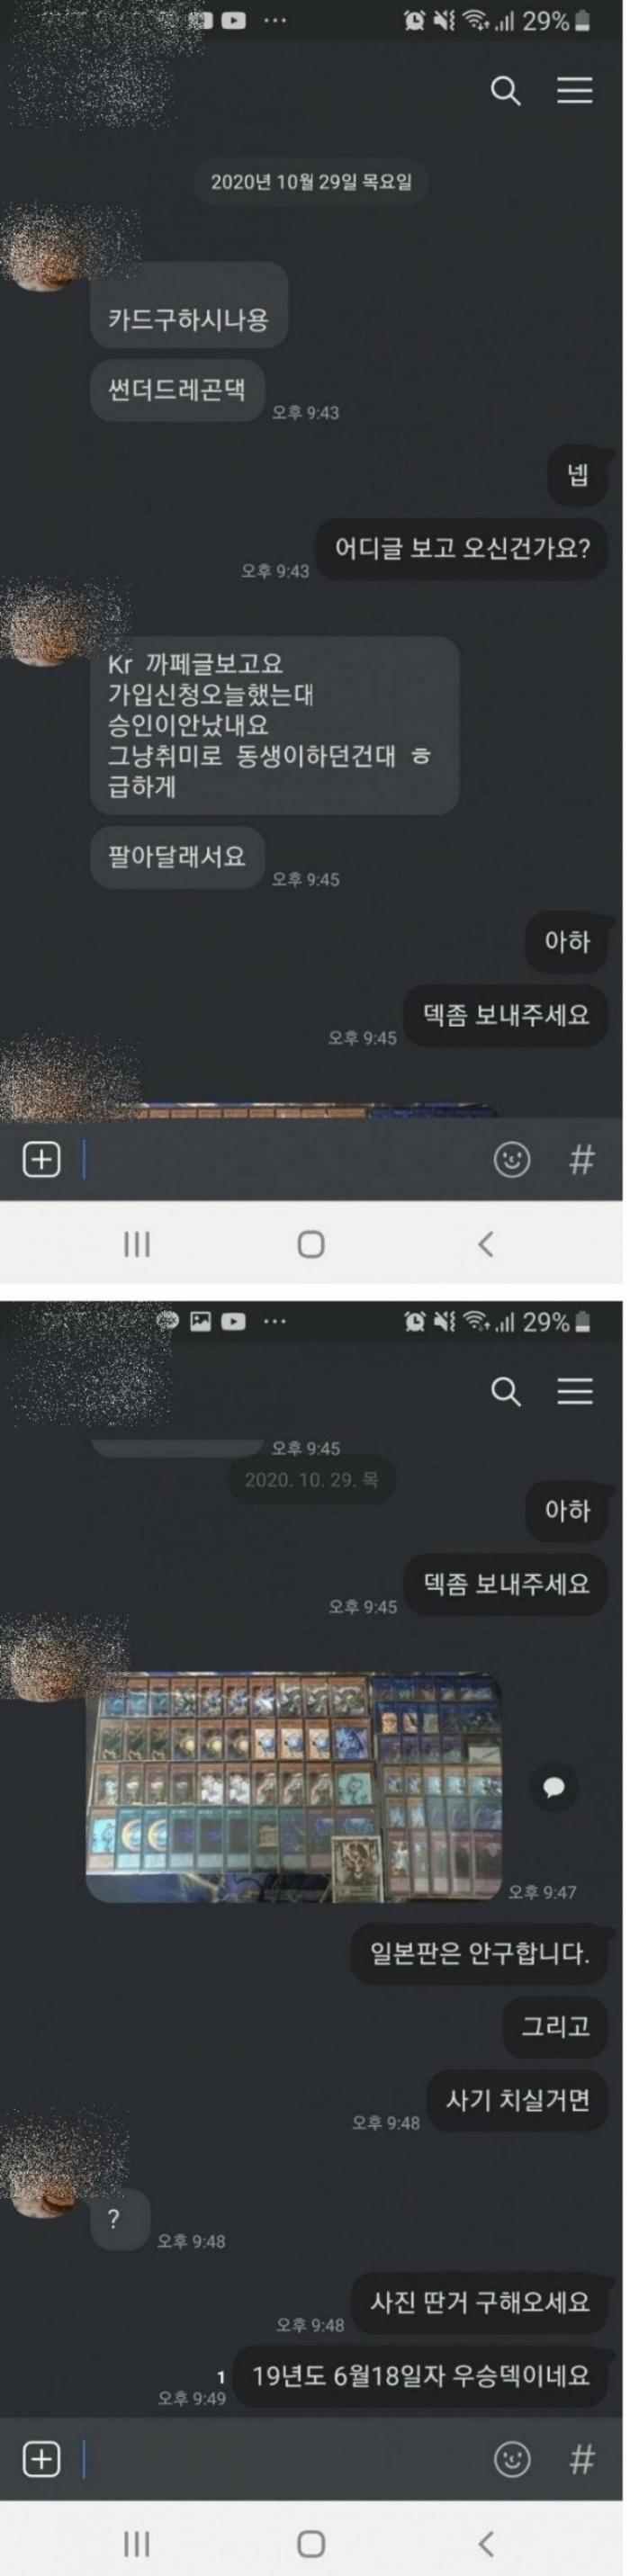 광기의 듀얼리스트 사진보고 1분만에 알아챔.jpg